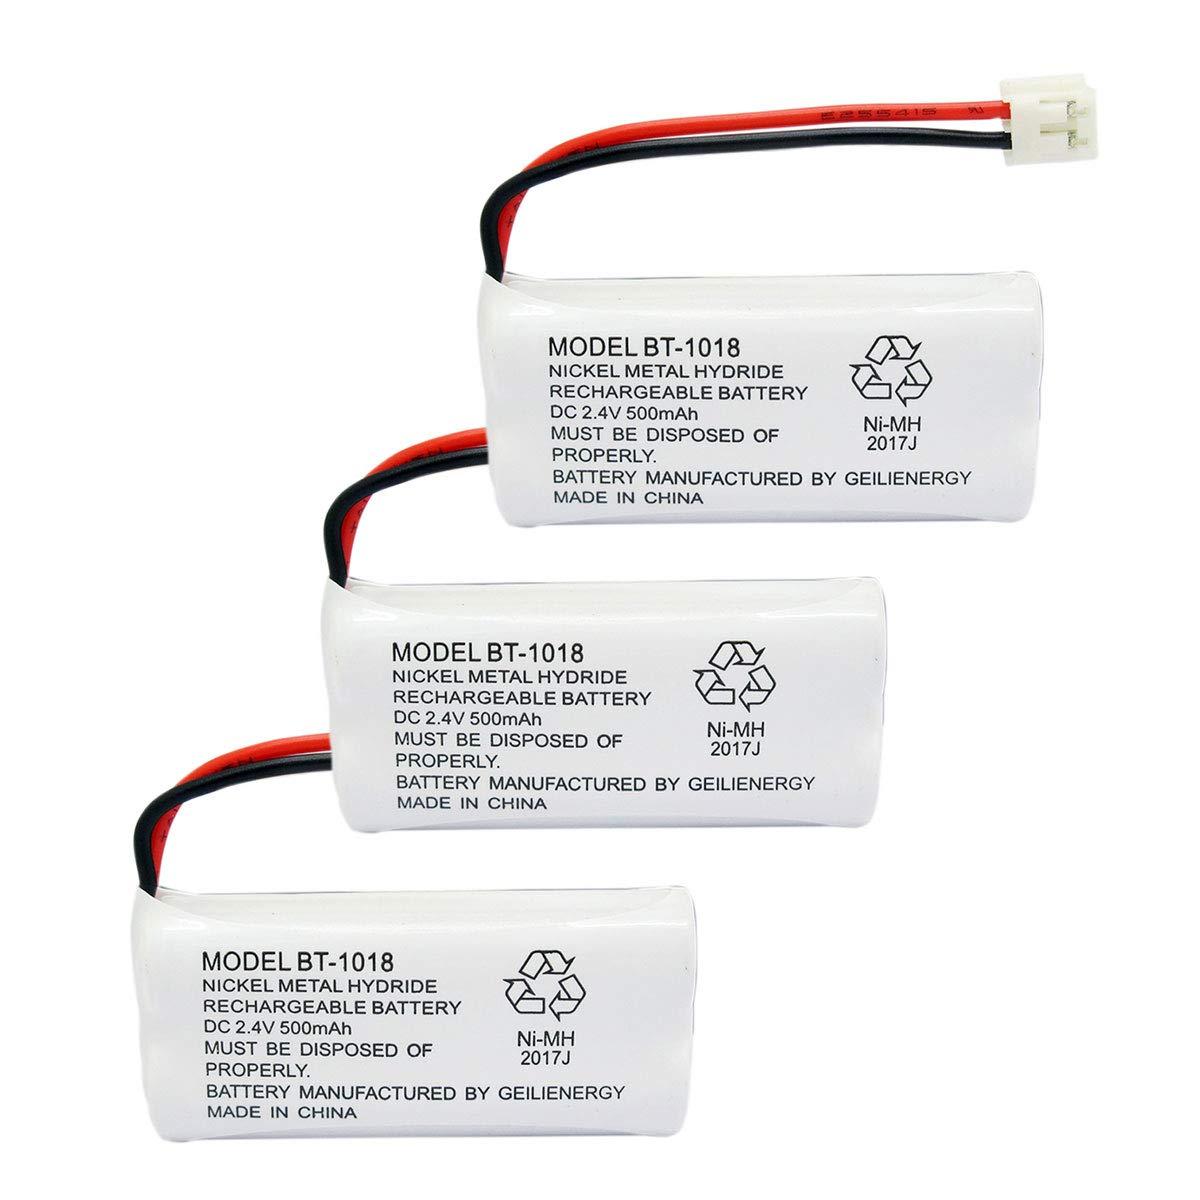 GEILIENERGY BT18433 BT-18433 BT184342 BT-184342 BT1011 BT-1011 Replacement Battery Compatible with AT&T and Vtech BT-8300 BATT-6010 89-1326-00-00 89-1330-01-00 CPH-515D Cordless Phone(Pack of 3)